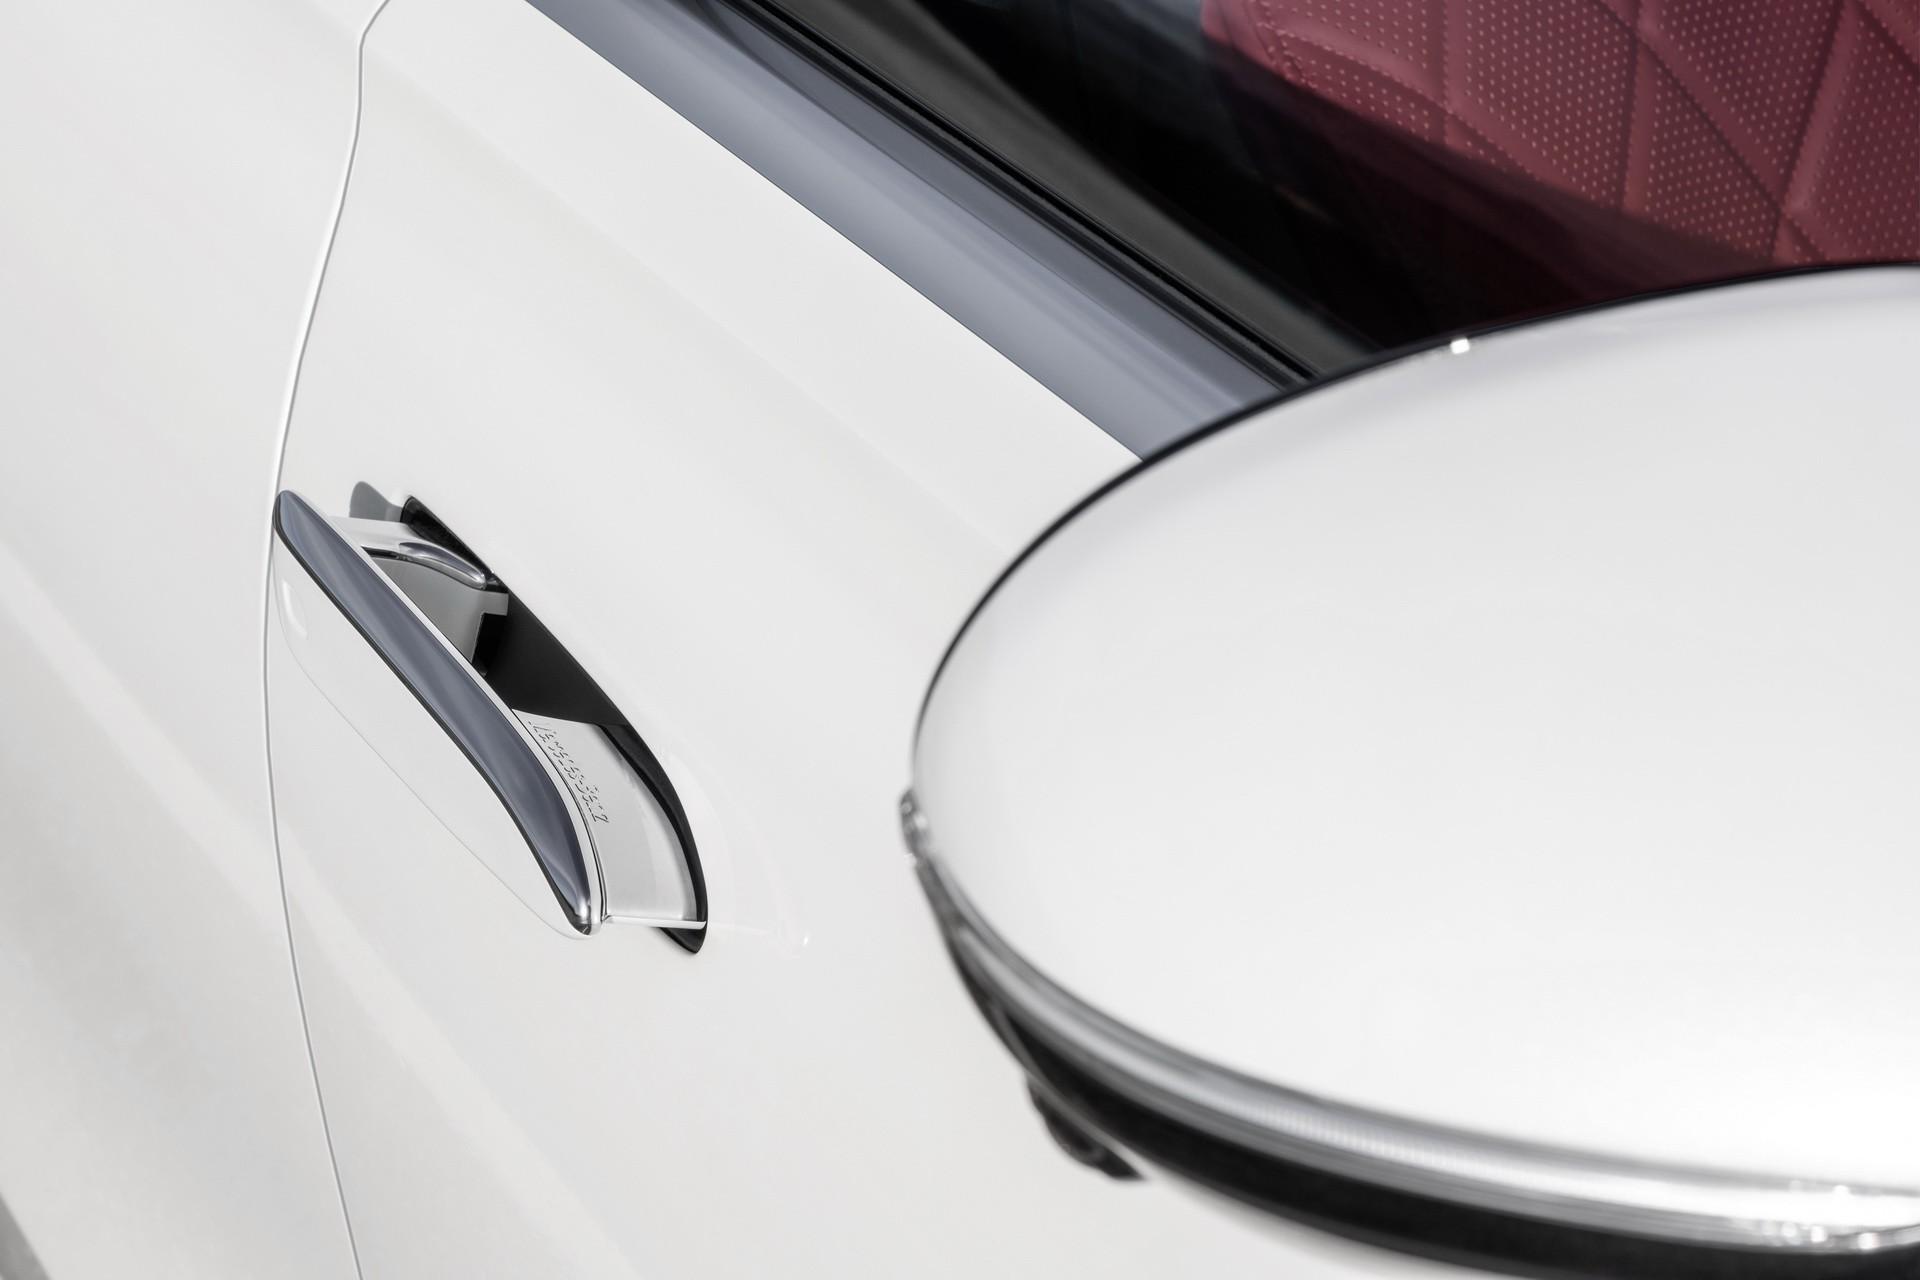 10 tính năng hiện đại sớm trở thành trang bị tiêu chuẩn trên ô tô - Ảnh 2.